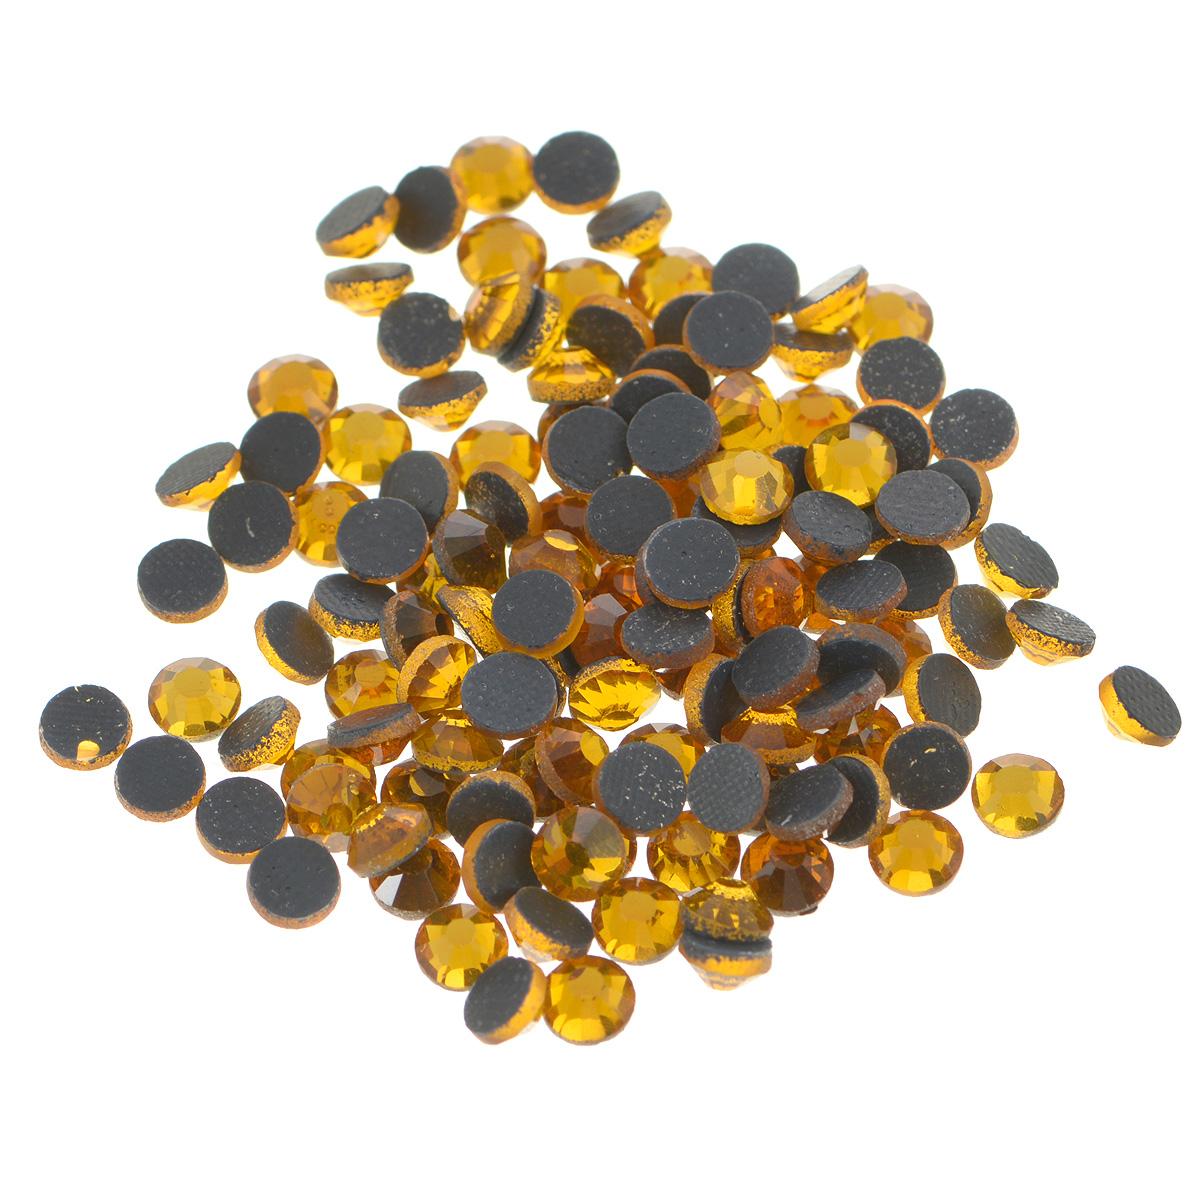 Стразы термоклеевые Cristal, цвет: топаз (203), диаметр 4,8 мм, 144 шт7706832_203Набор термоклеевых страз Cristal, изготовленный из высококачественного акрила, позволит вам украсить одежду, аксессуары или текстиль. Яркие стразы имеют плоское дно и круглую поверхность с гранями.Дно термоклеевых страз уже обработано особым клеем, который под воздействием высоких температур начинает плавиться, приклеиваясь, таким образом, к требуемой поверхности. Чаще всего их используют в текстильной промышленности: стразы прикладывают к ткани и проглаживают утюгом с обратной стороны. Также можно использовать специальный паяльник. Украшение стразами поможет сделать любую вещь оригинальной и неповторимой. Диаметр стразы: 4,8 мм.